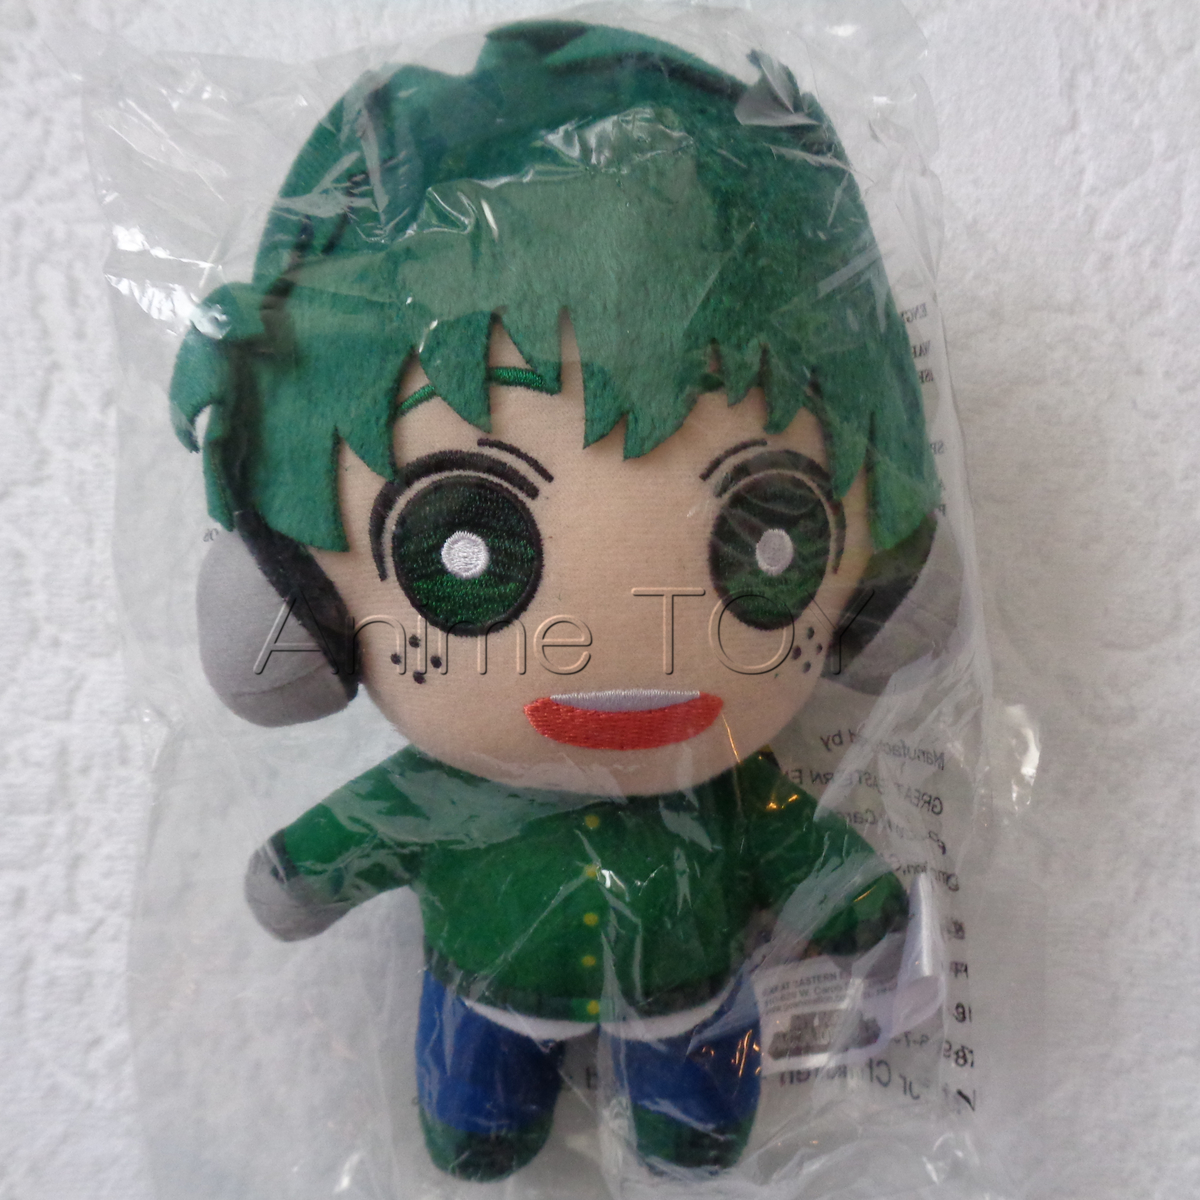 僕のヒーローアカデミア 緑谷出久 冬服 ぬいぐるみ 海外 グッズ ヒロアカ 雪 人形